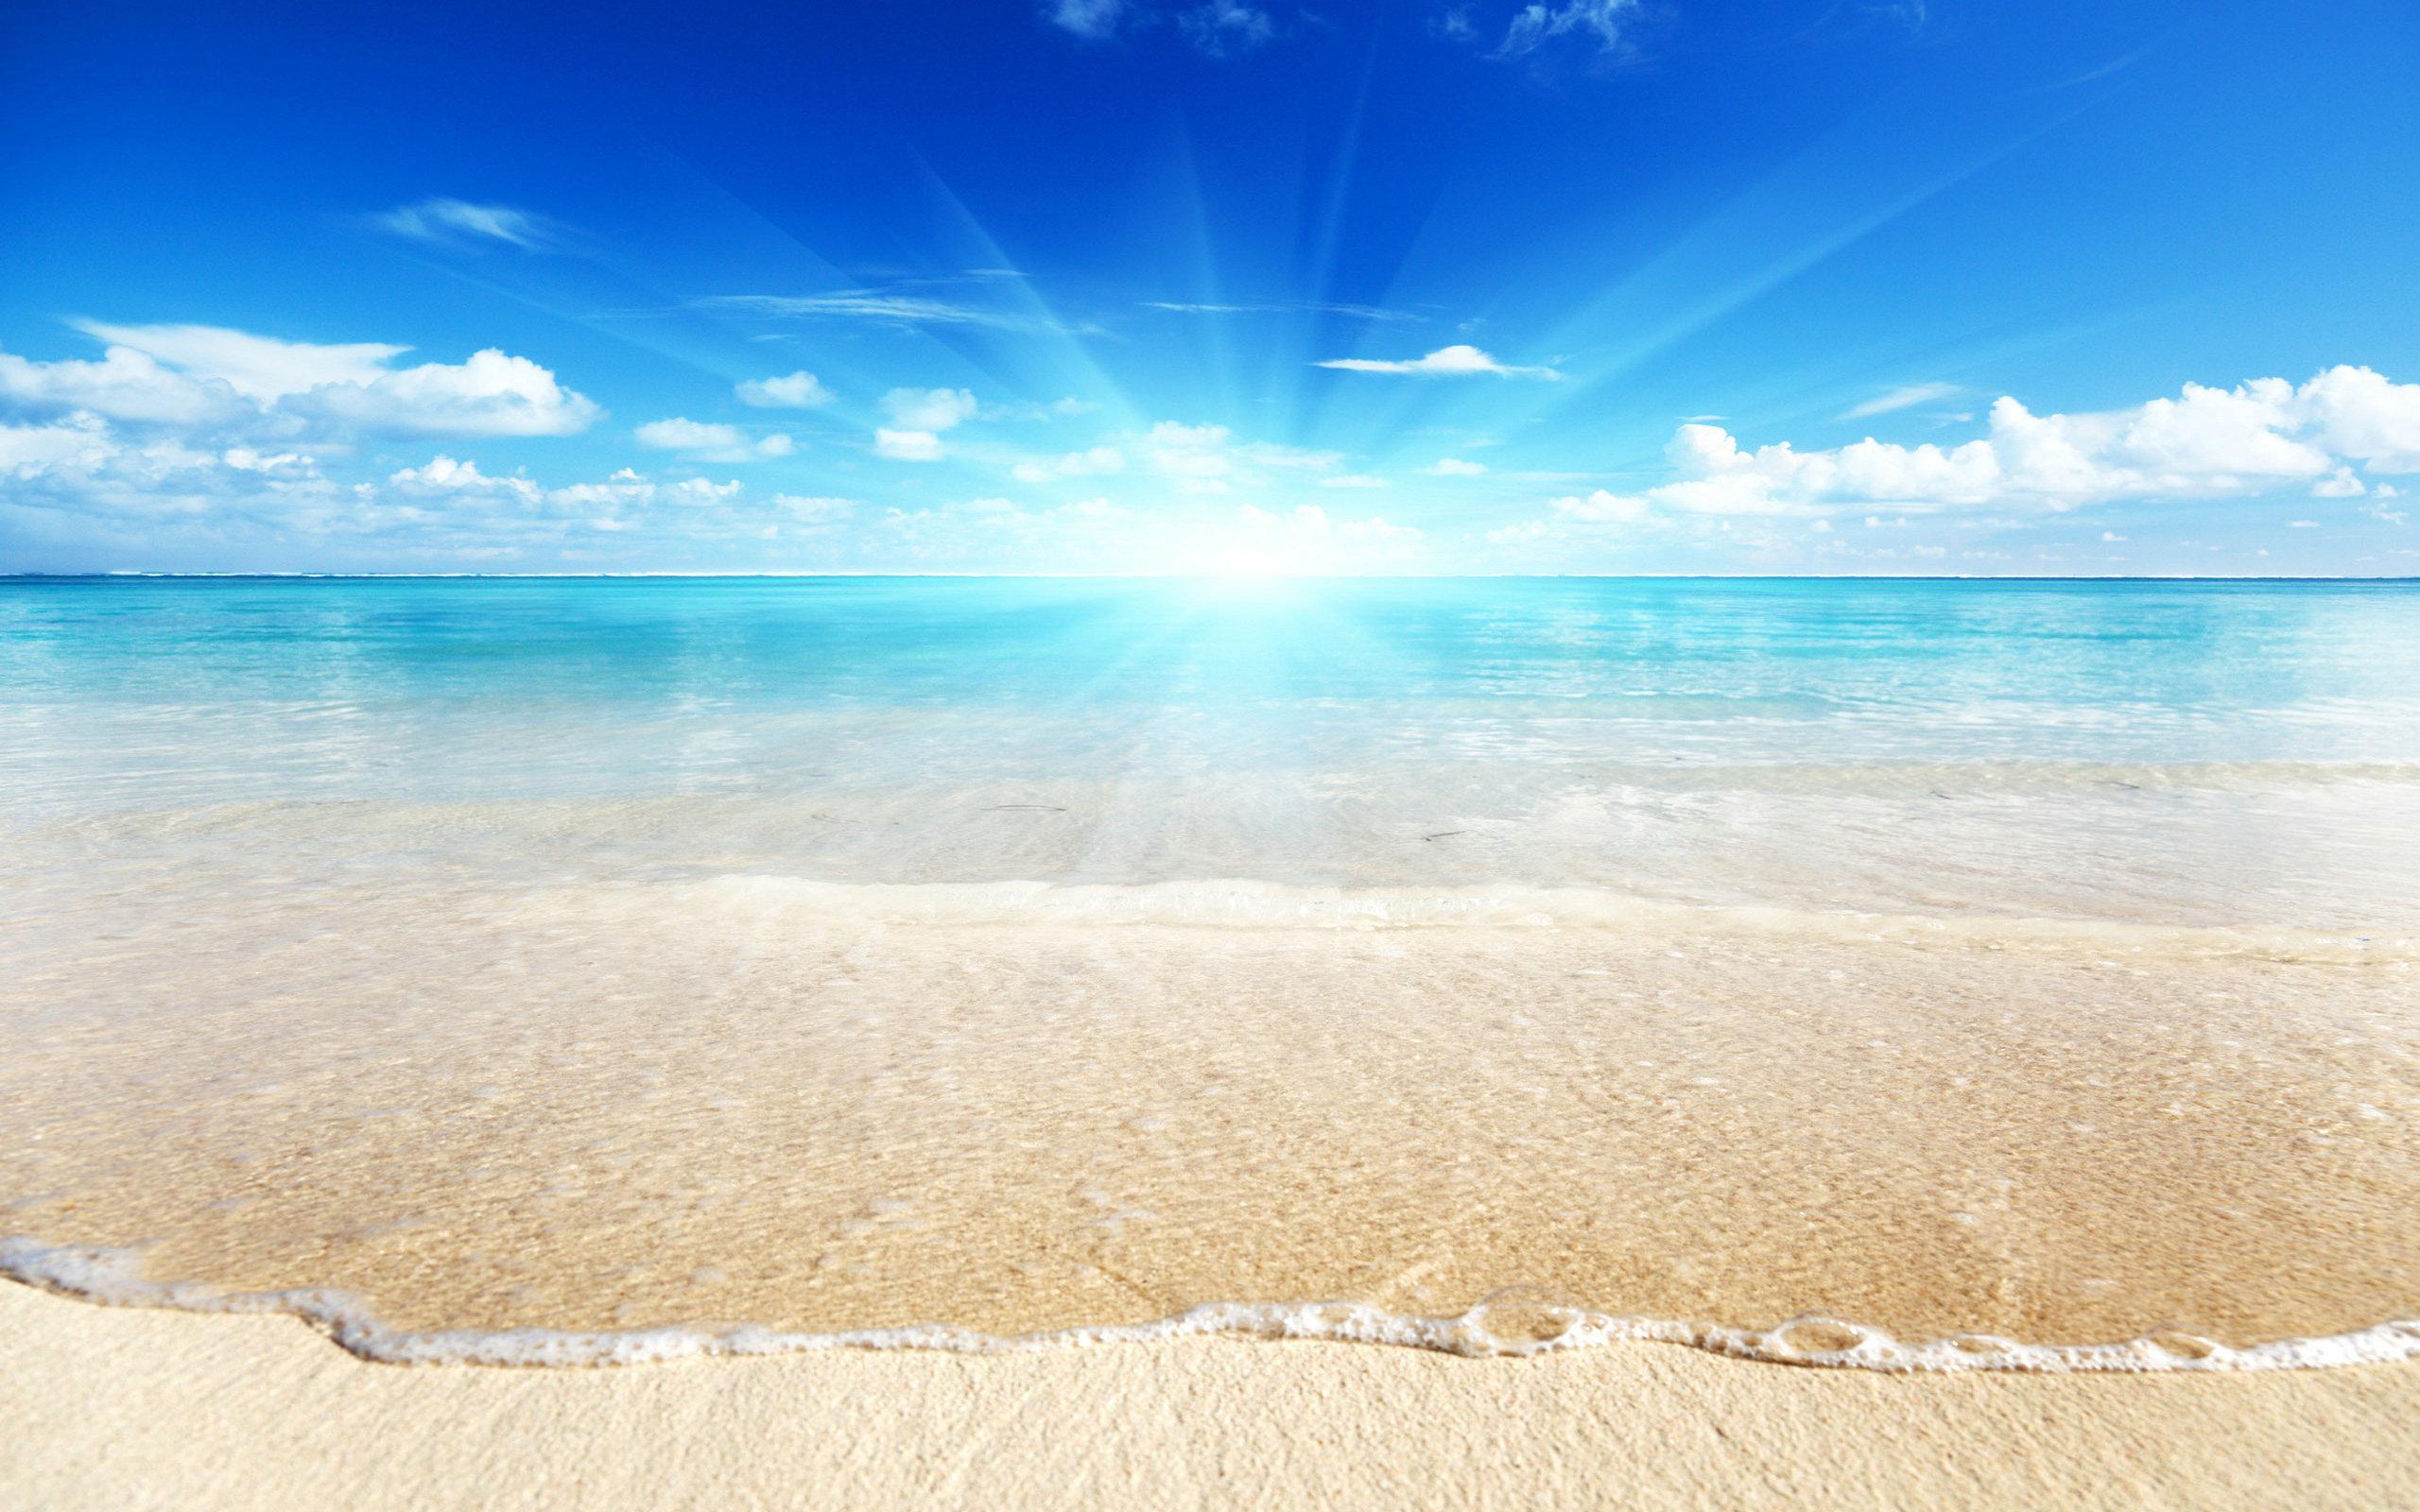 Widescreen Beach Wallpaper